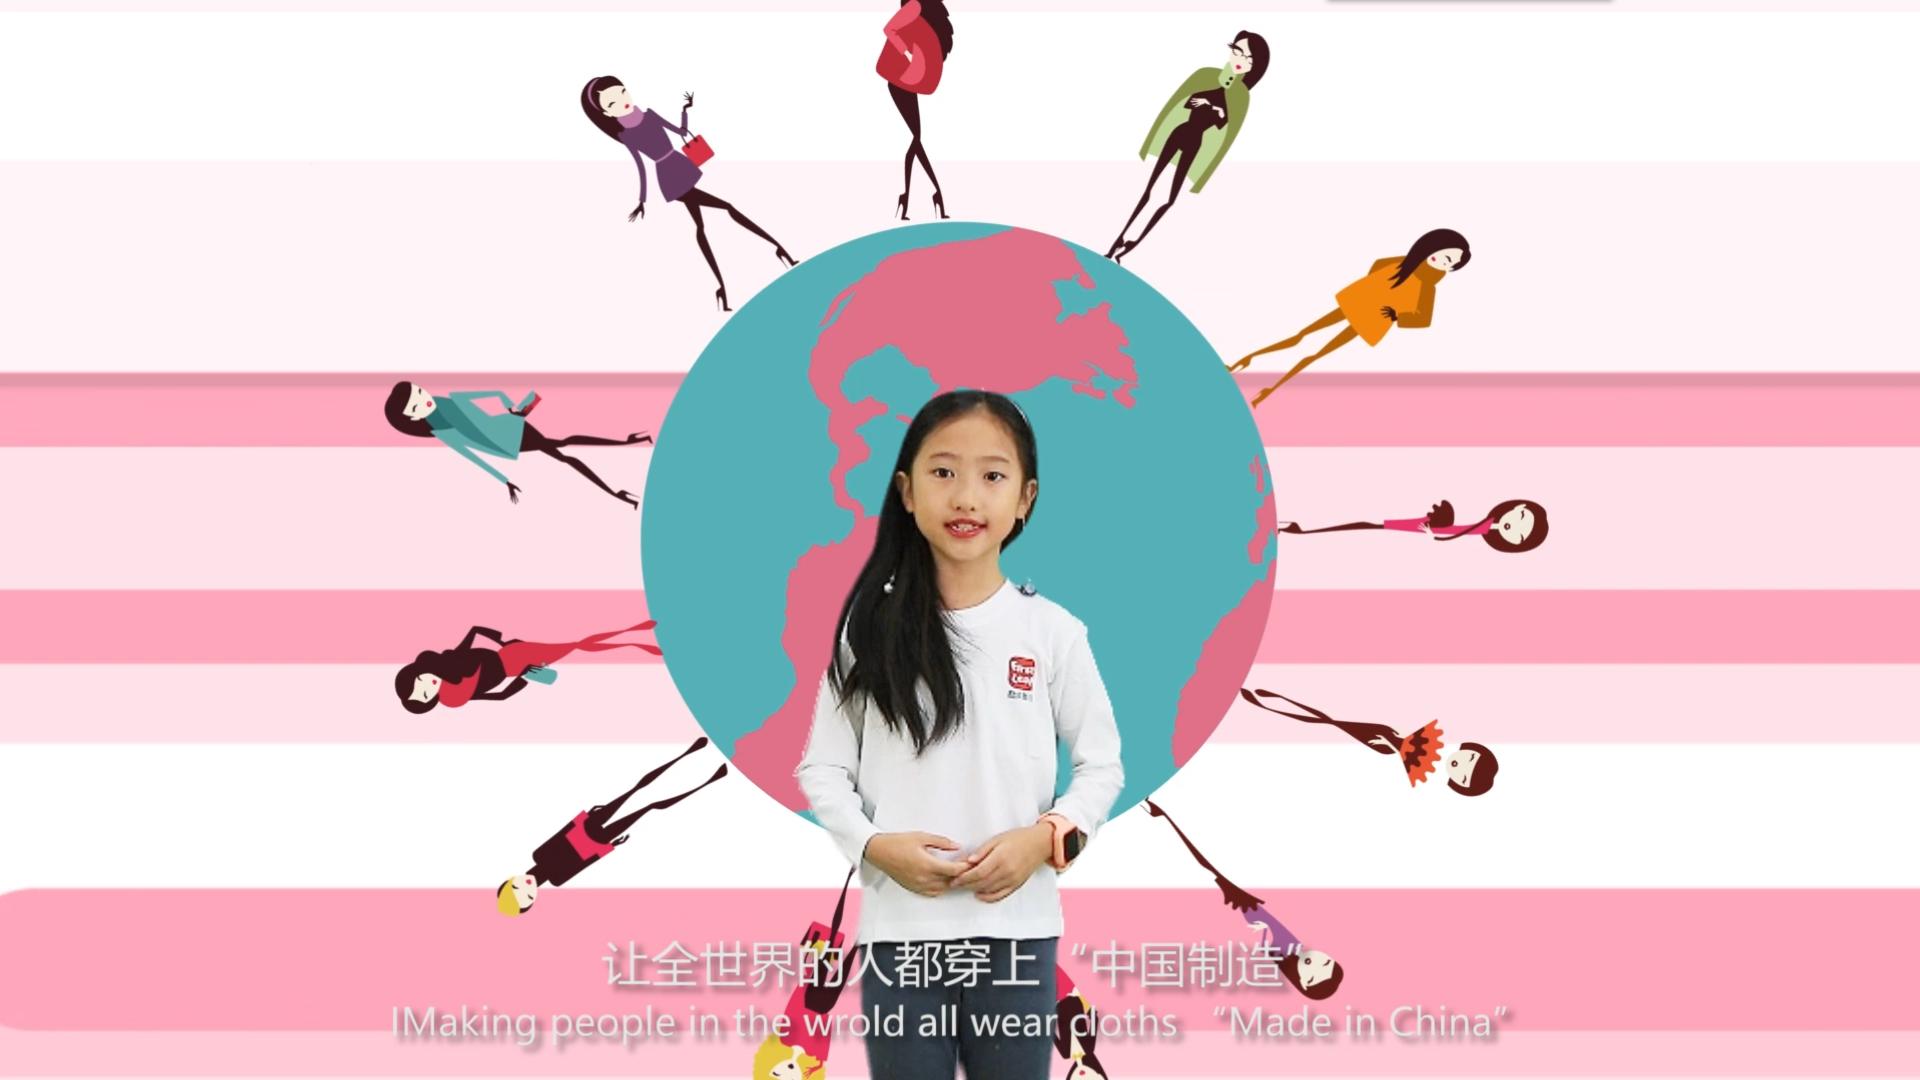 勵步英語 MG動畫廣告